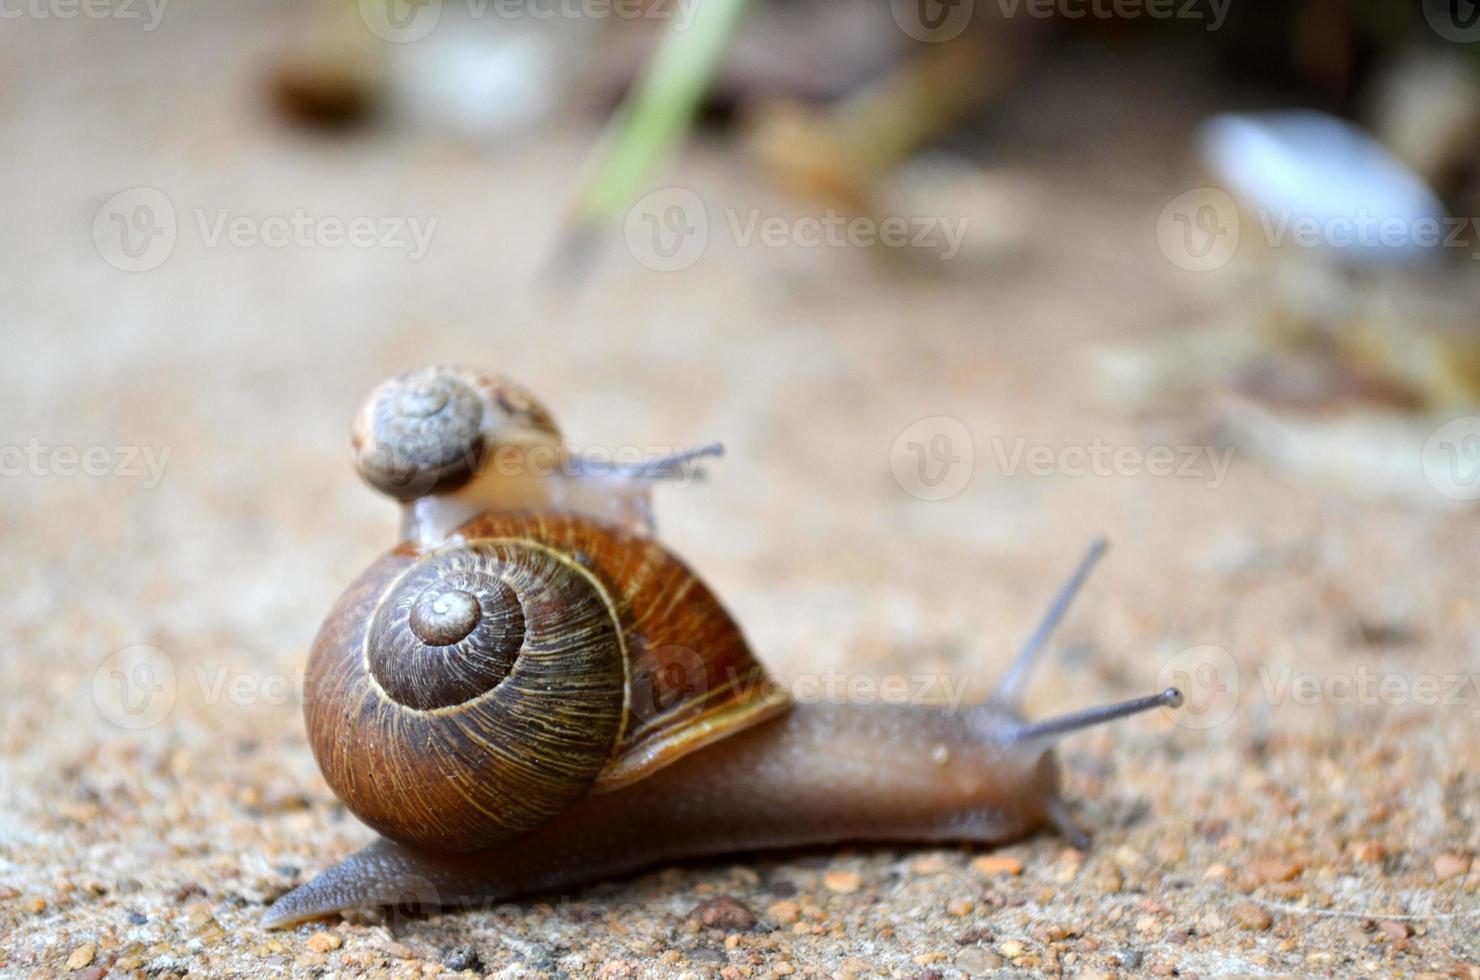 kleine slak die een ritje maakt op een grotere slak foto